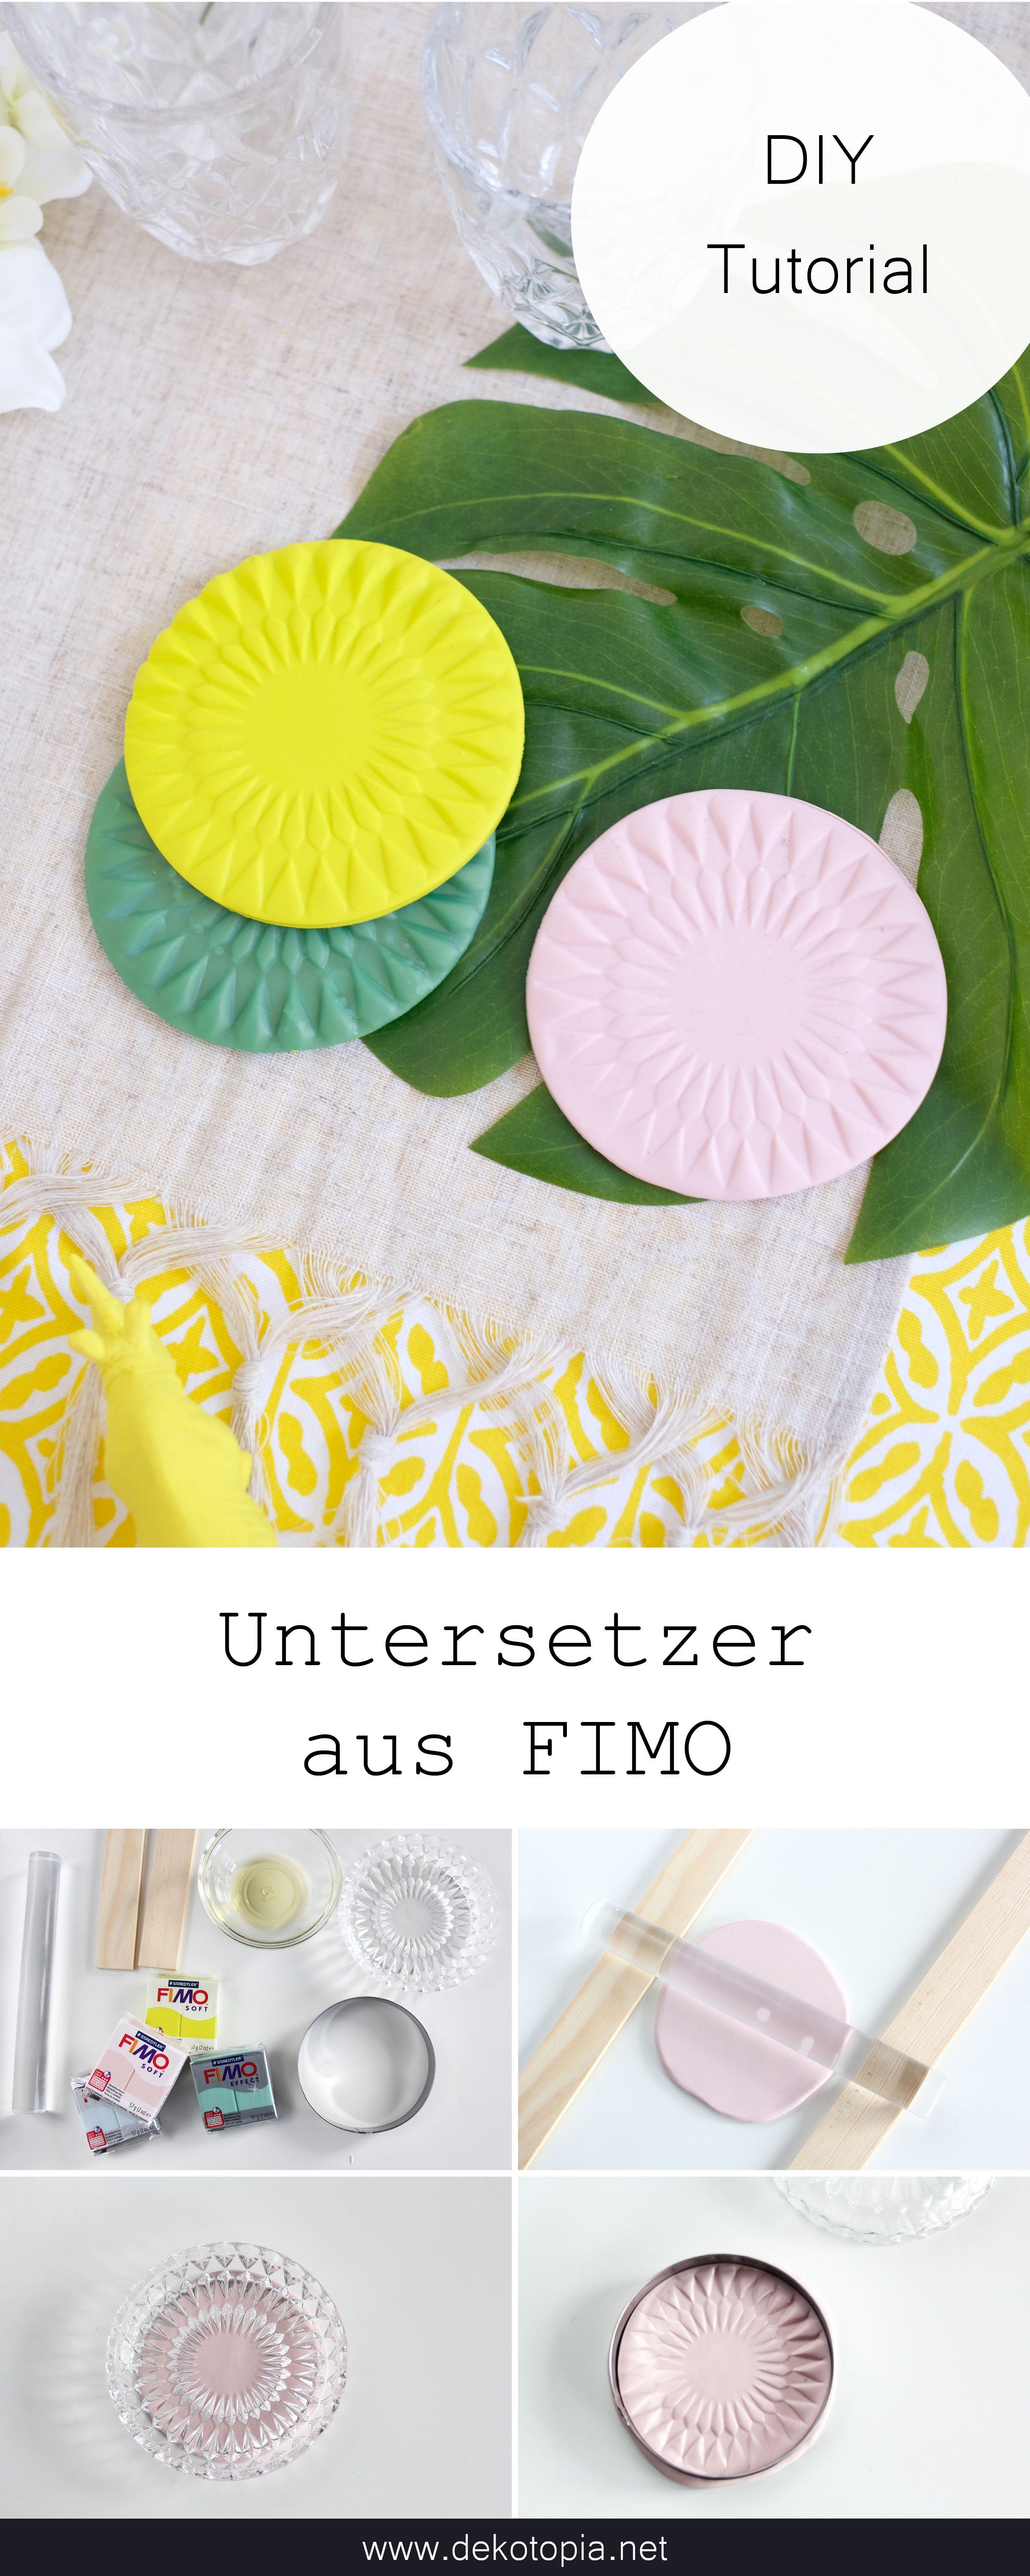 Diy Anleitung Untersetzer Aus Fimo Selber Machen